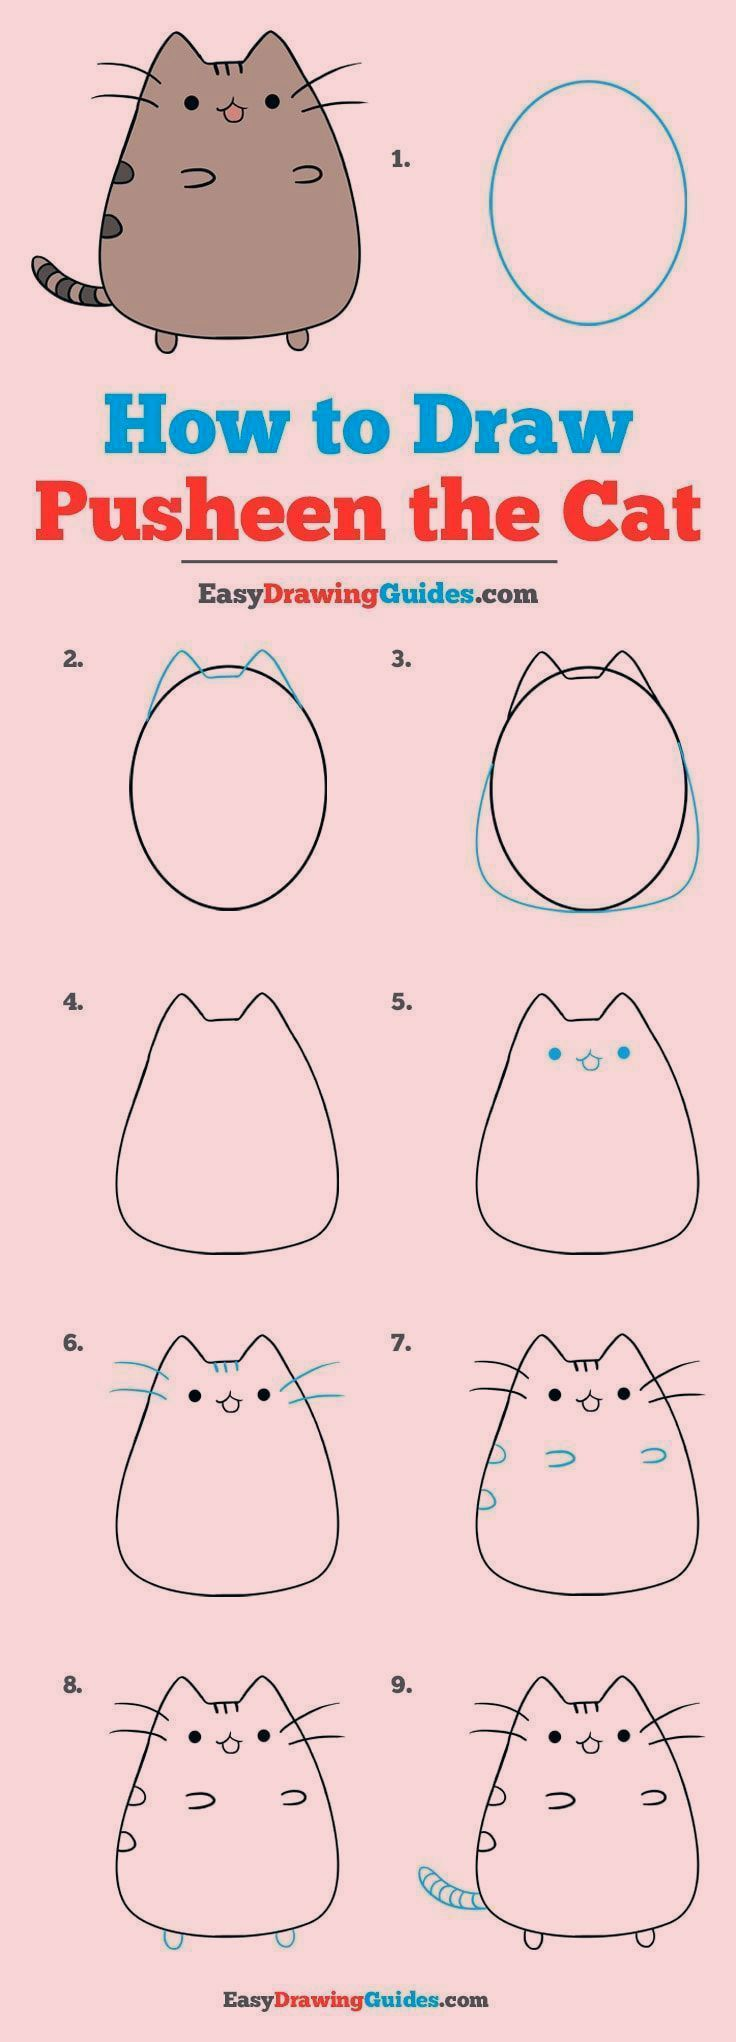 Wie zeichnet man die Katze Pusheen - Really Easy Drawing Tutorial, #Die #Drawing #easy #Katze #Man #Pusheen #Tutorial #wie #zeichnet